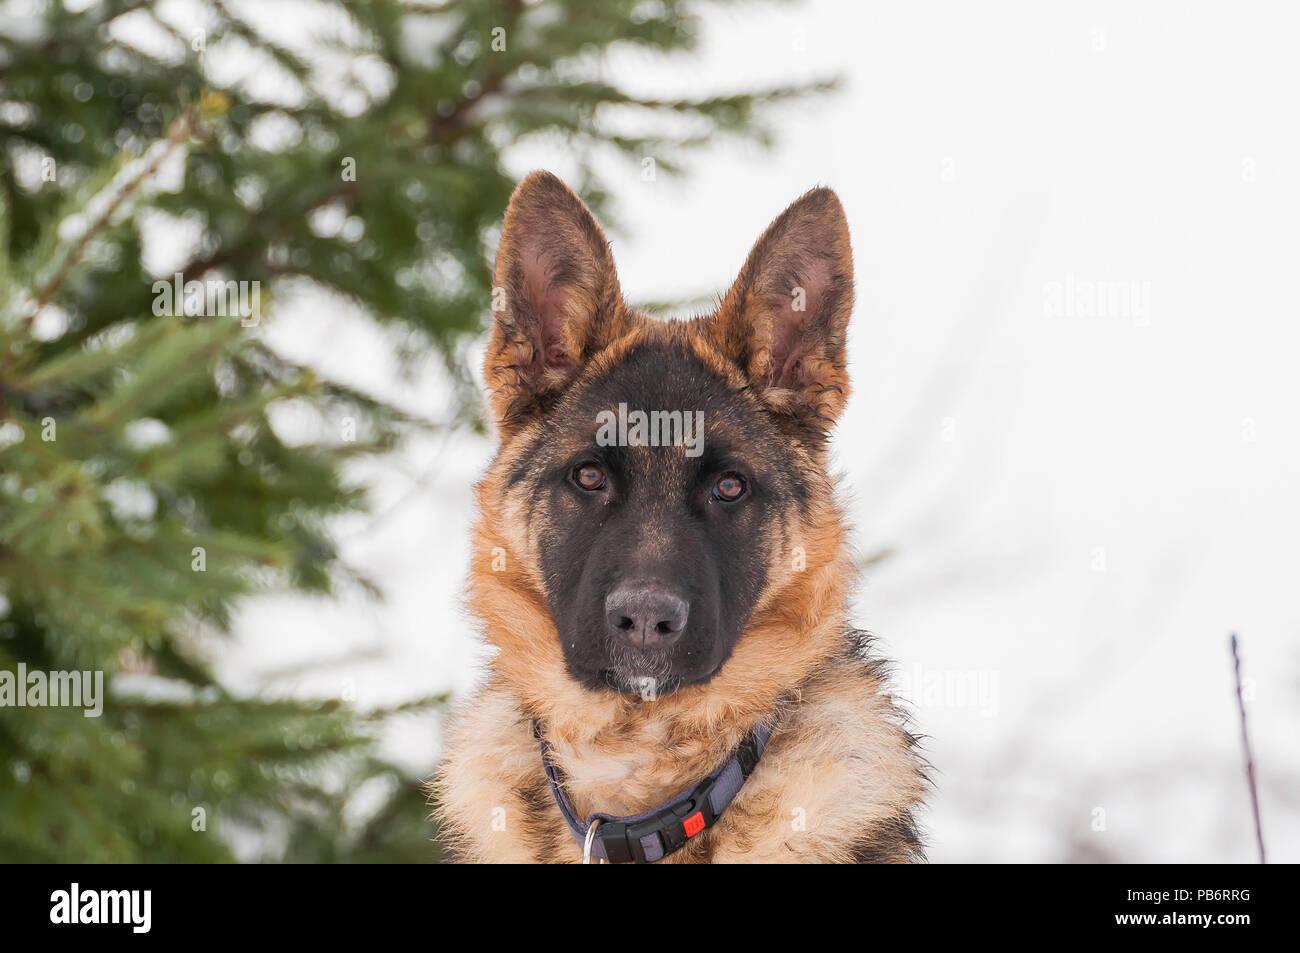 Police Dog Training Stock Photos & Police Dog Training Stock